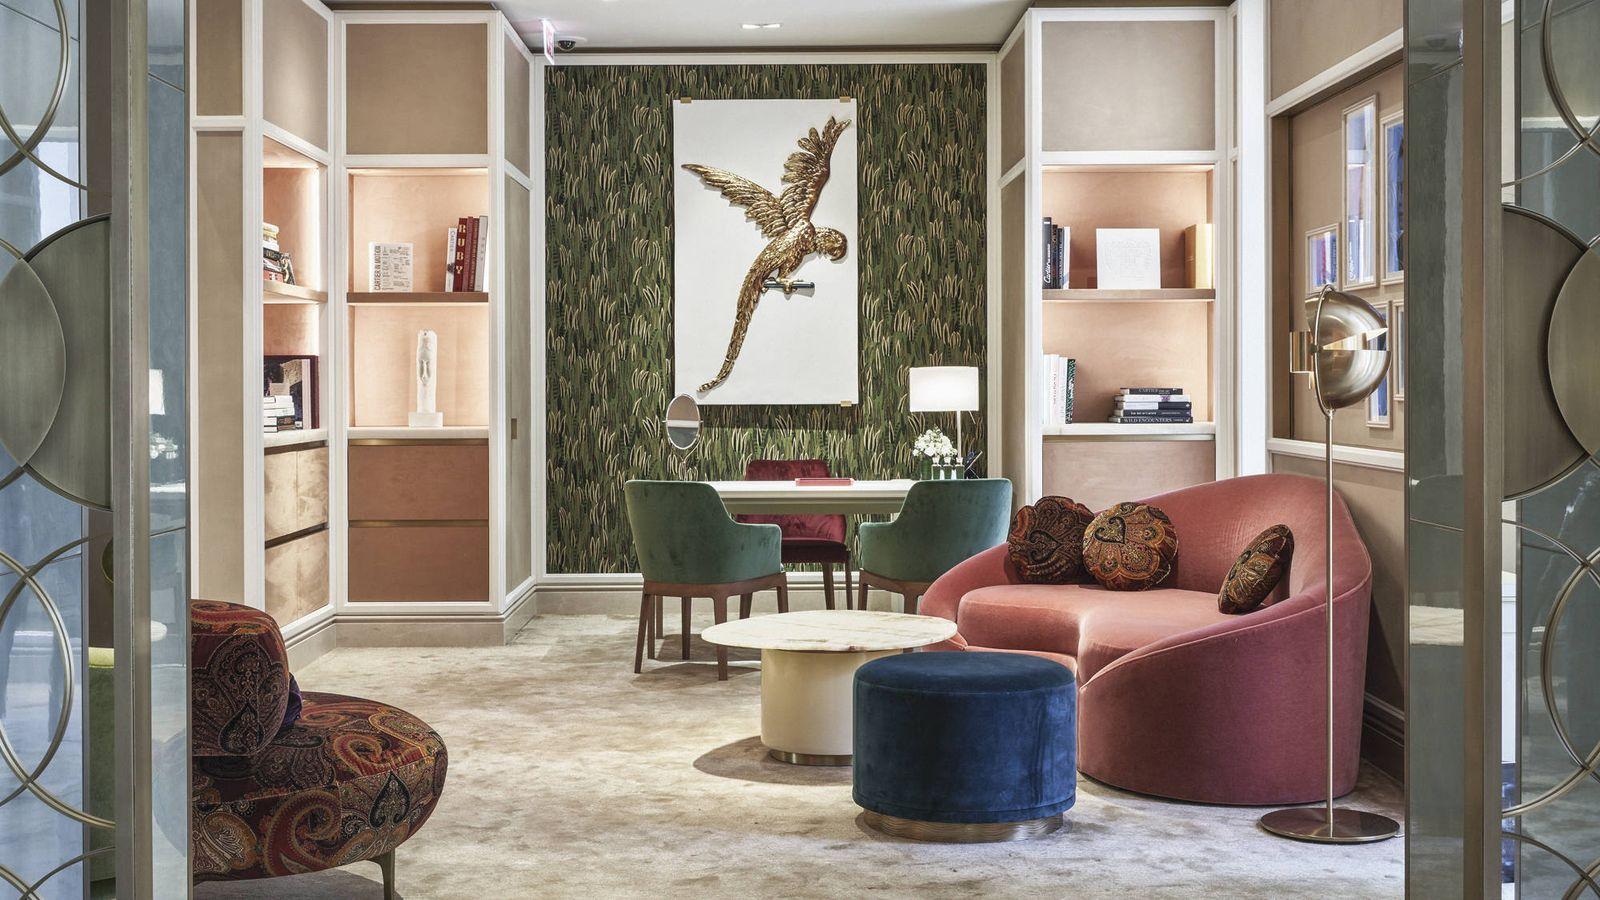 Diseño: Cartier reinaugura su emblemática tienda en la calle Serrano de Madrid